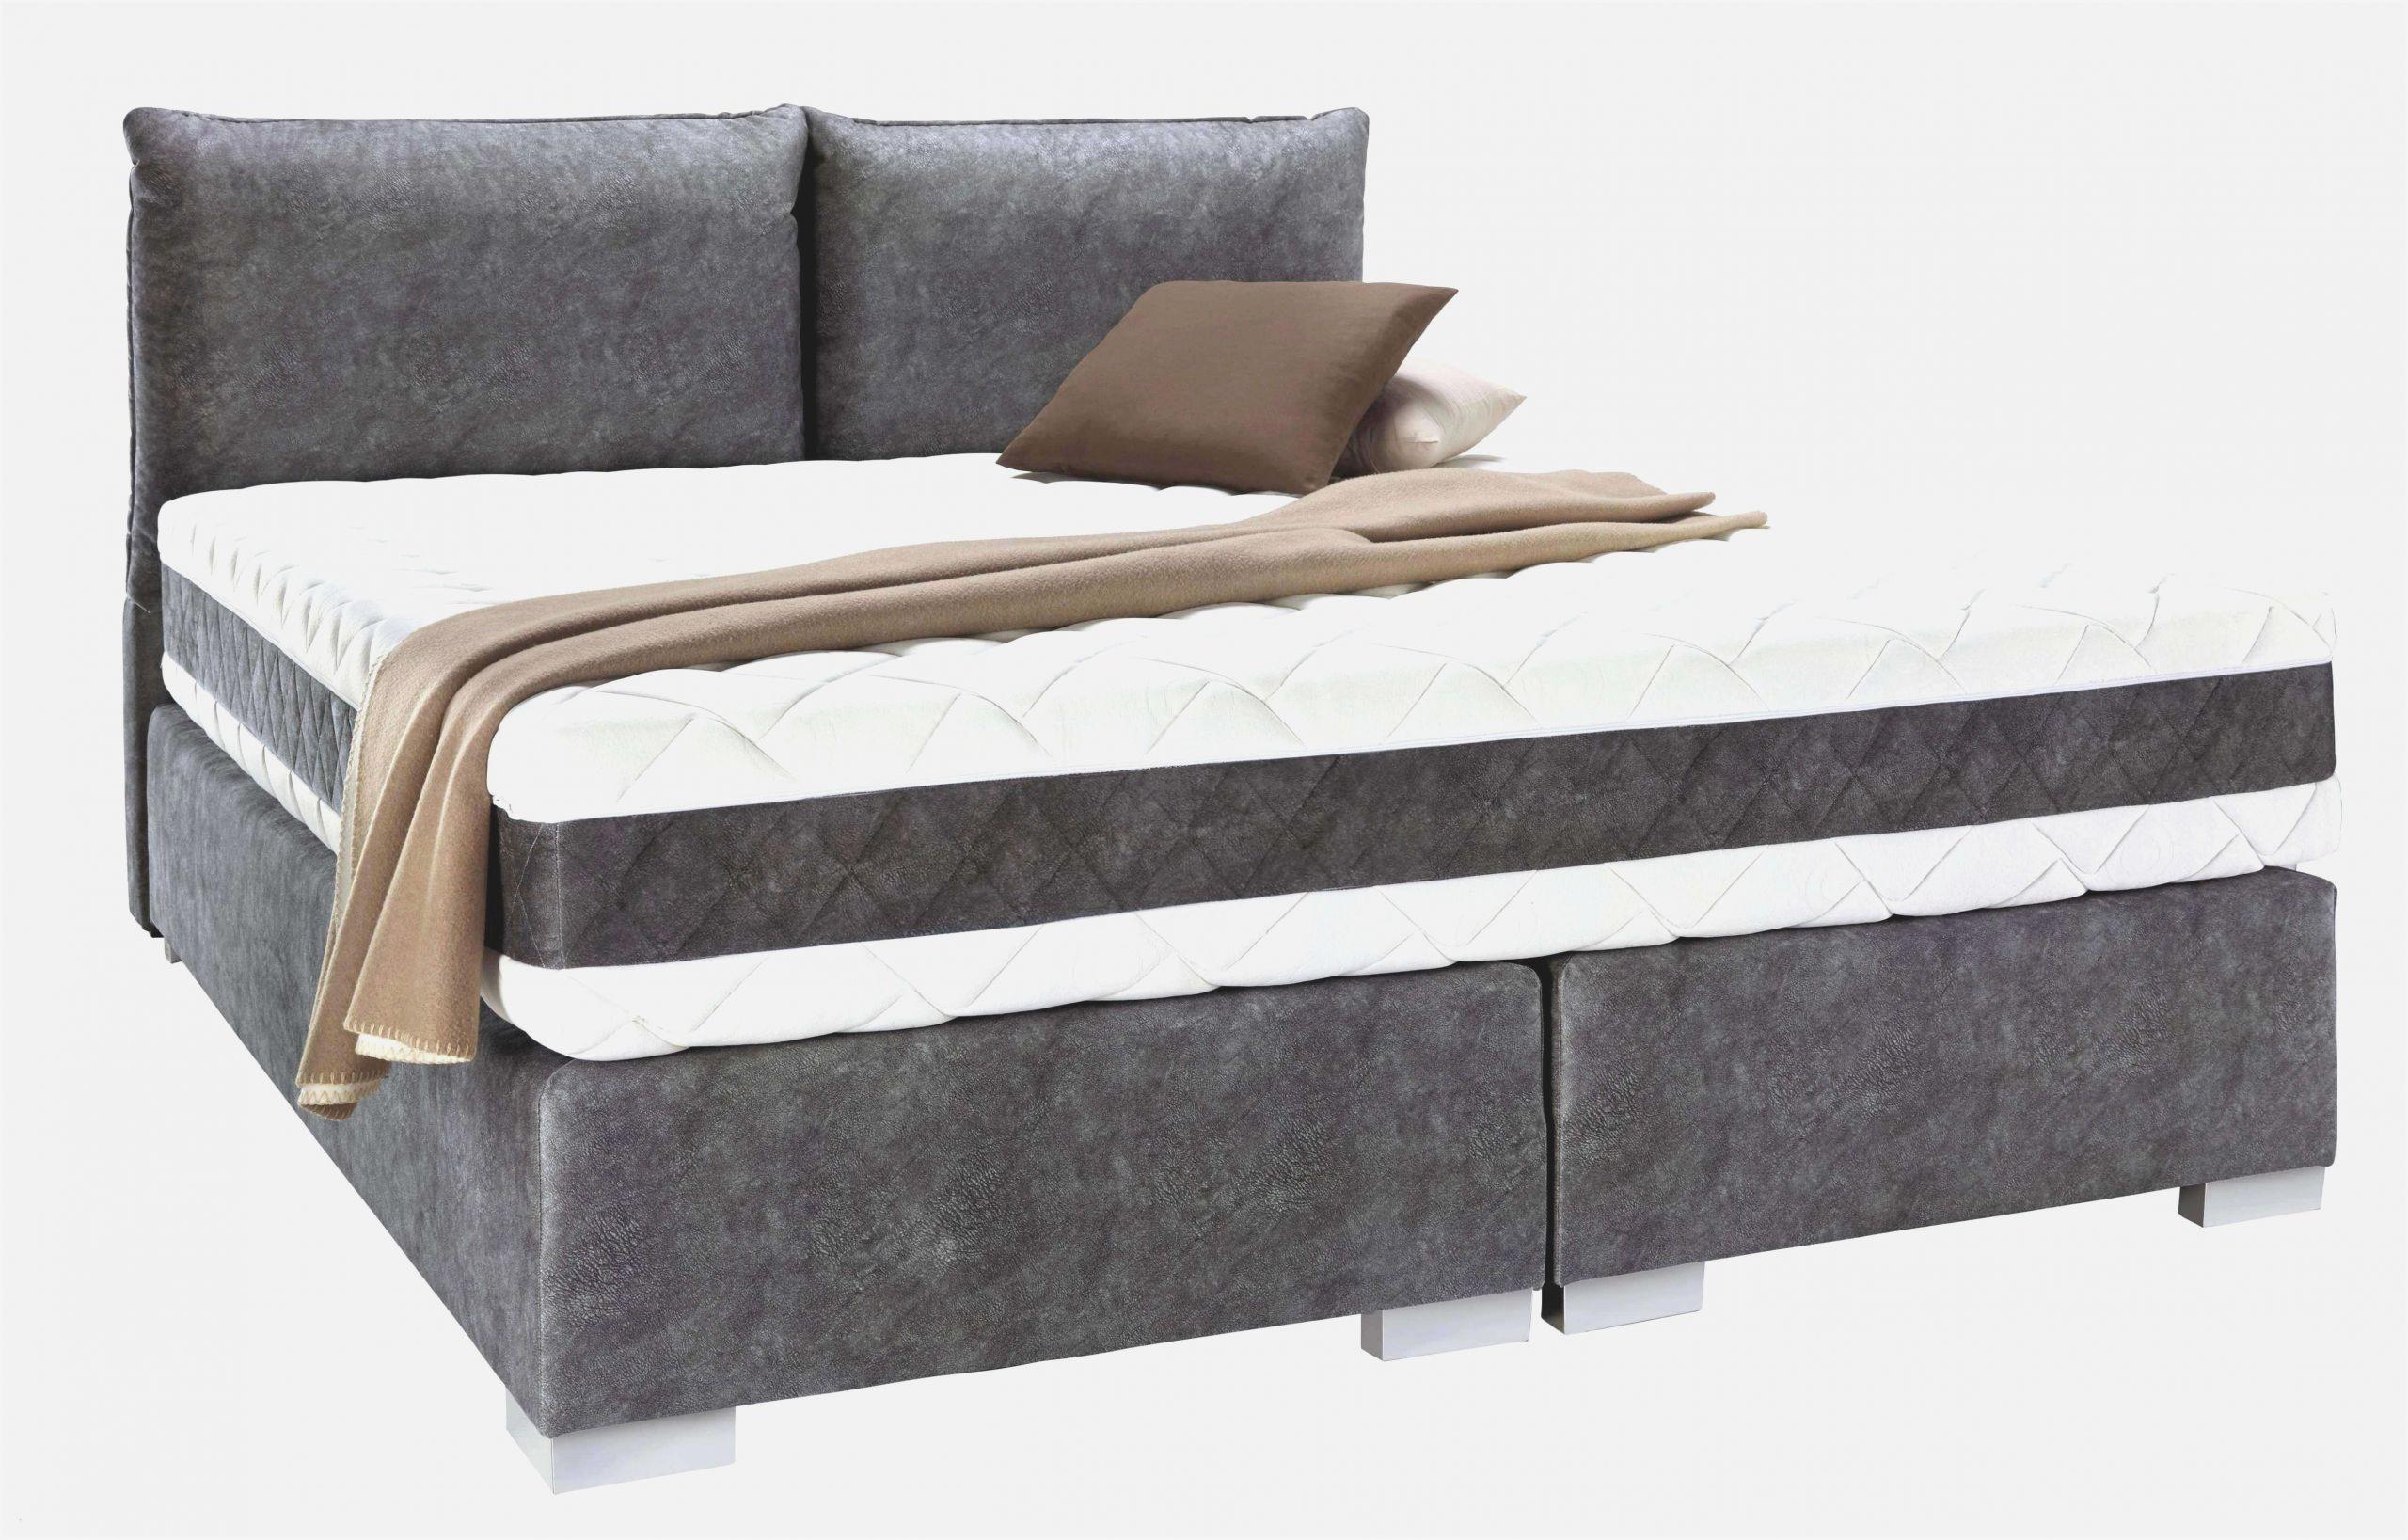 Full Size of Boxspringbetten Ikea Schlafzimmer Komplett Betten Bei Küche Kosten Miniküche Sofa Mit Schlaffunktion Modulküche 160x200 Kaufen Wohnzimmer Boxspringbetten Ikea